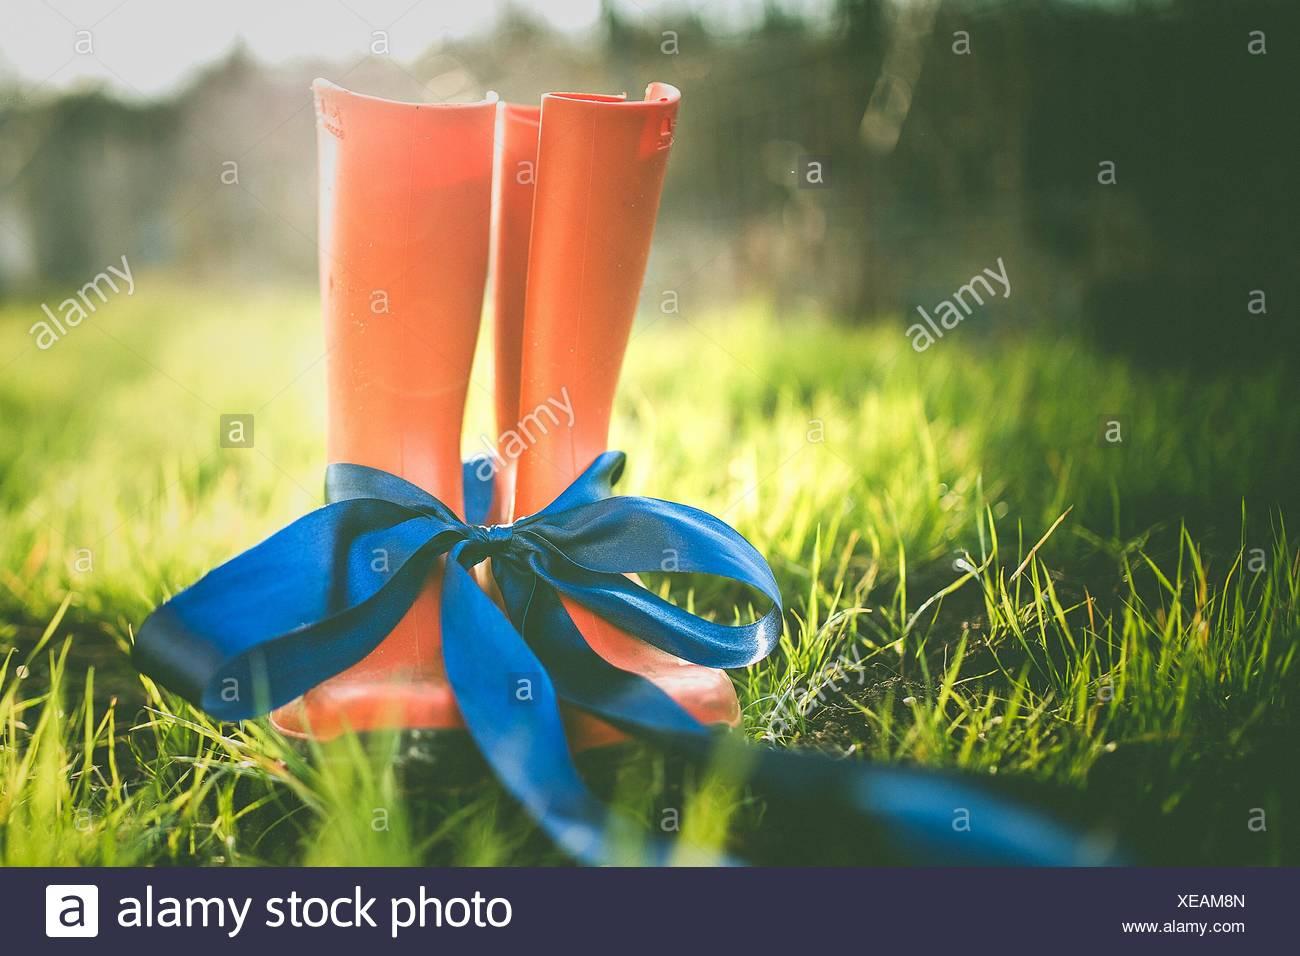 Primer plano de caucho atadas con cinta azul Imagen De Stock